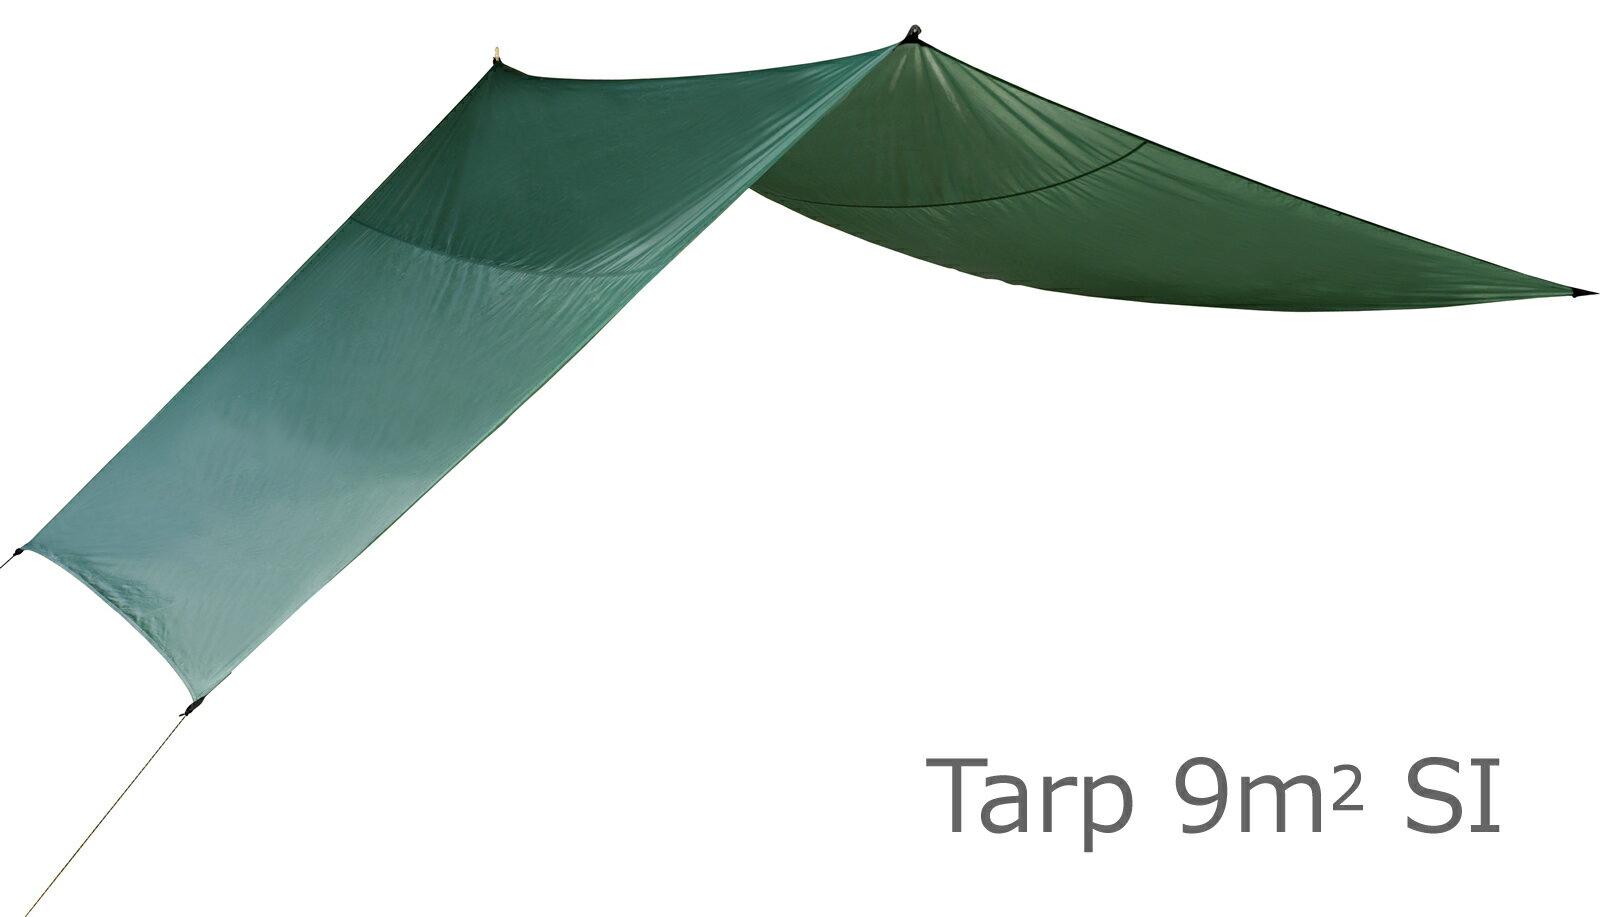 【国内正規品】NORDISK タープ Voss 9 SI (ヴォス9 SI )フォレスト・グリーン [117006]【送料無料/代引き無料】(AKKA アッカ ボス ノルディスク タープ テント アウトドア用品 キャンプ用品【SUMMER_D18】